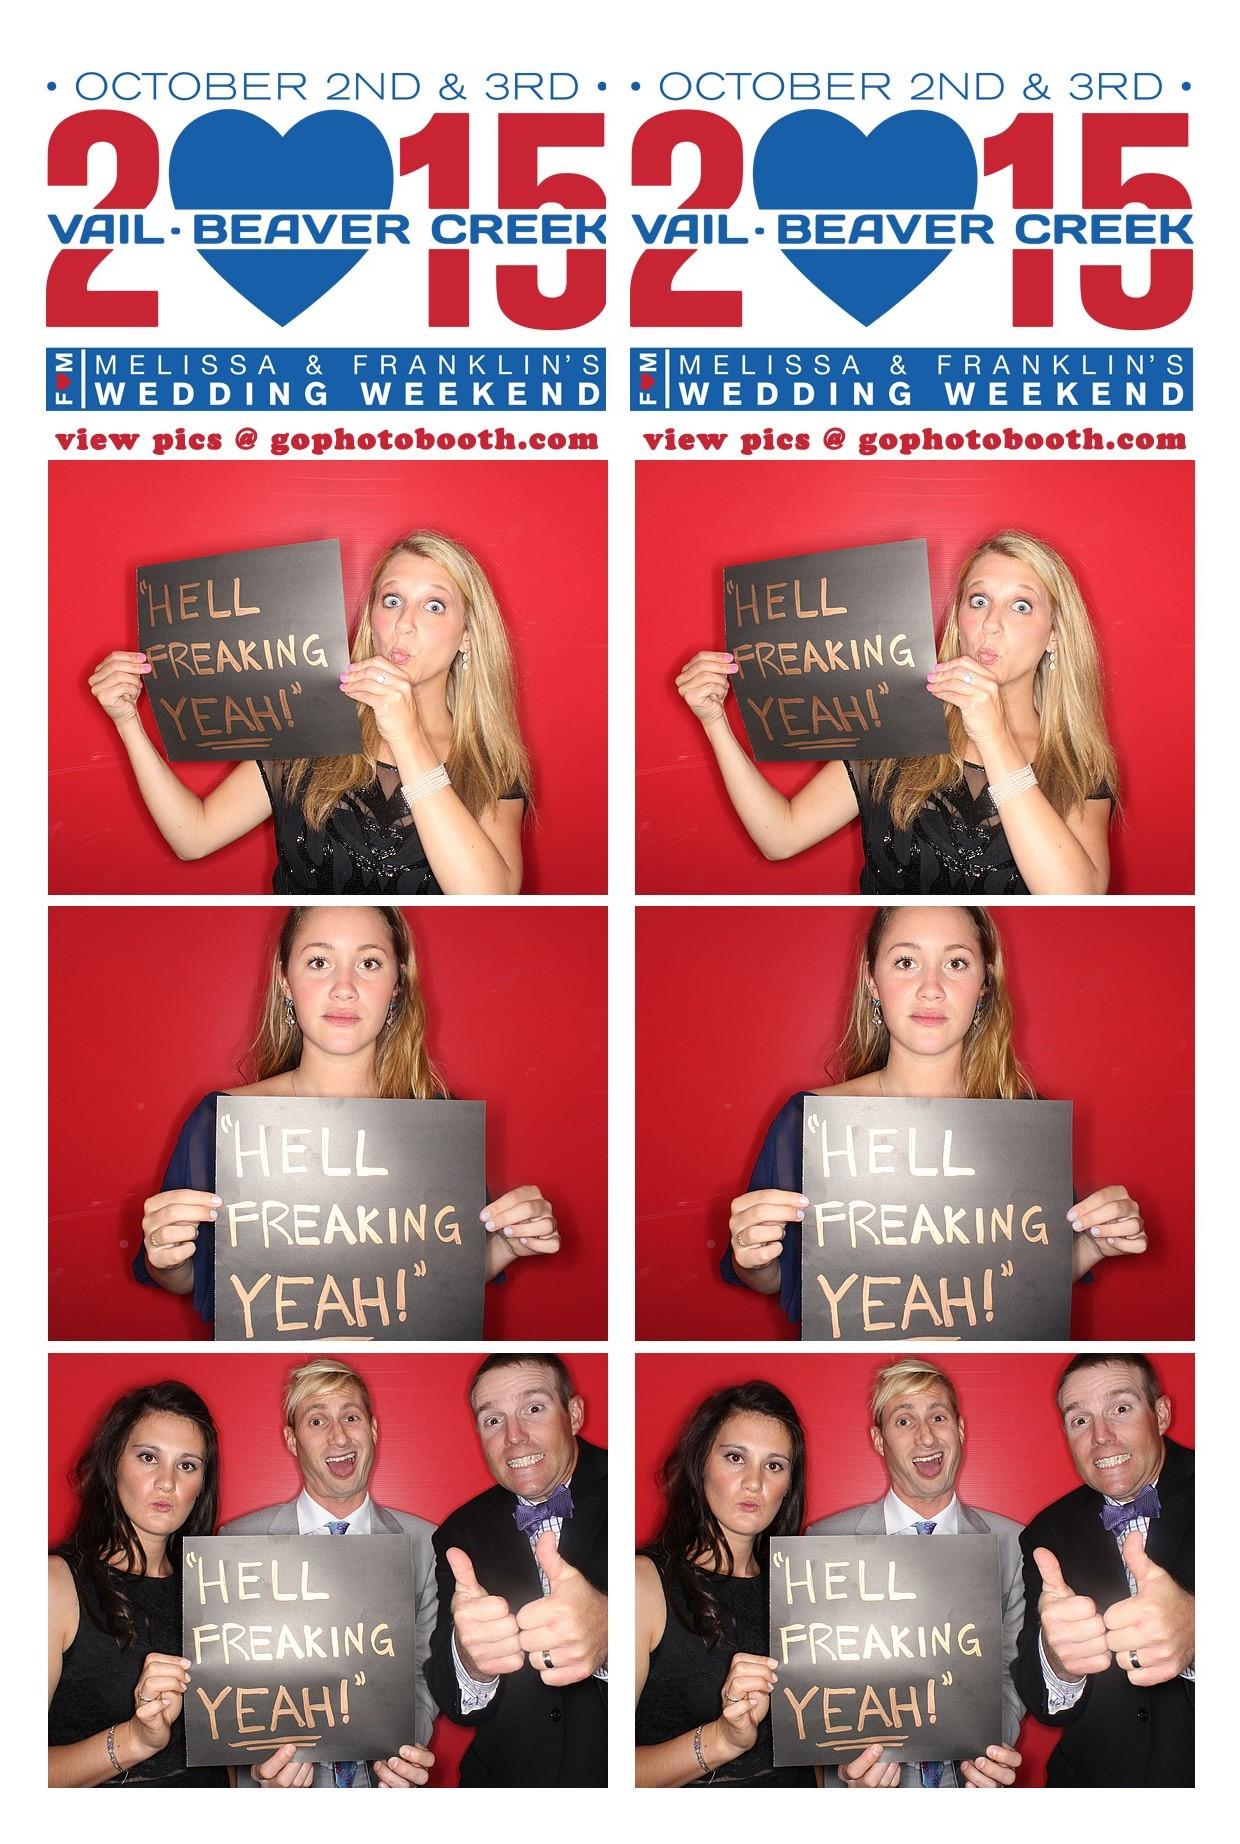 Melissa & Franklin, Hyatt Beaver Creek